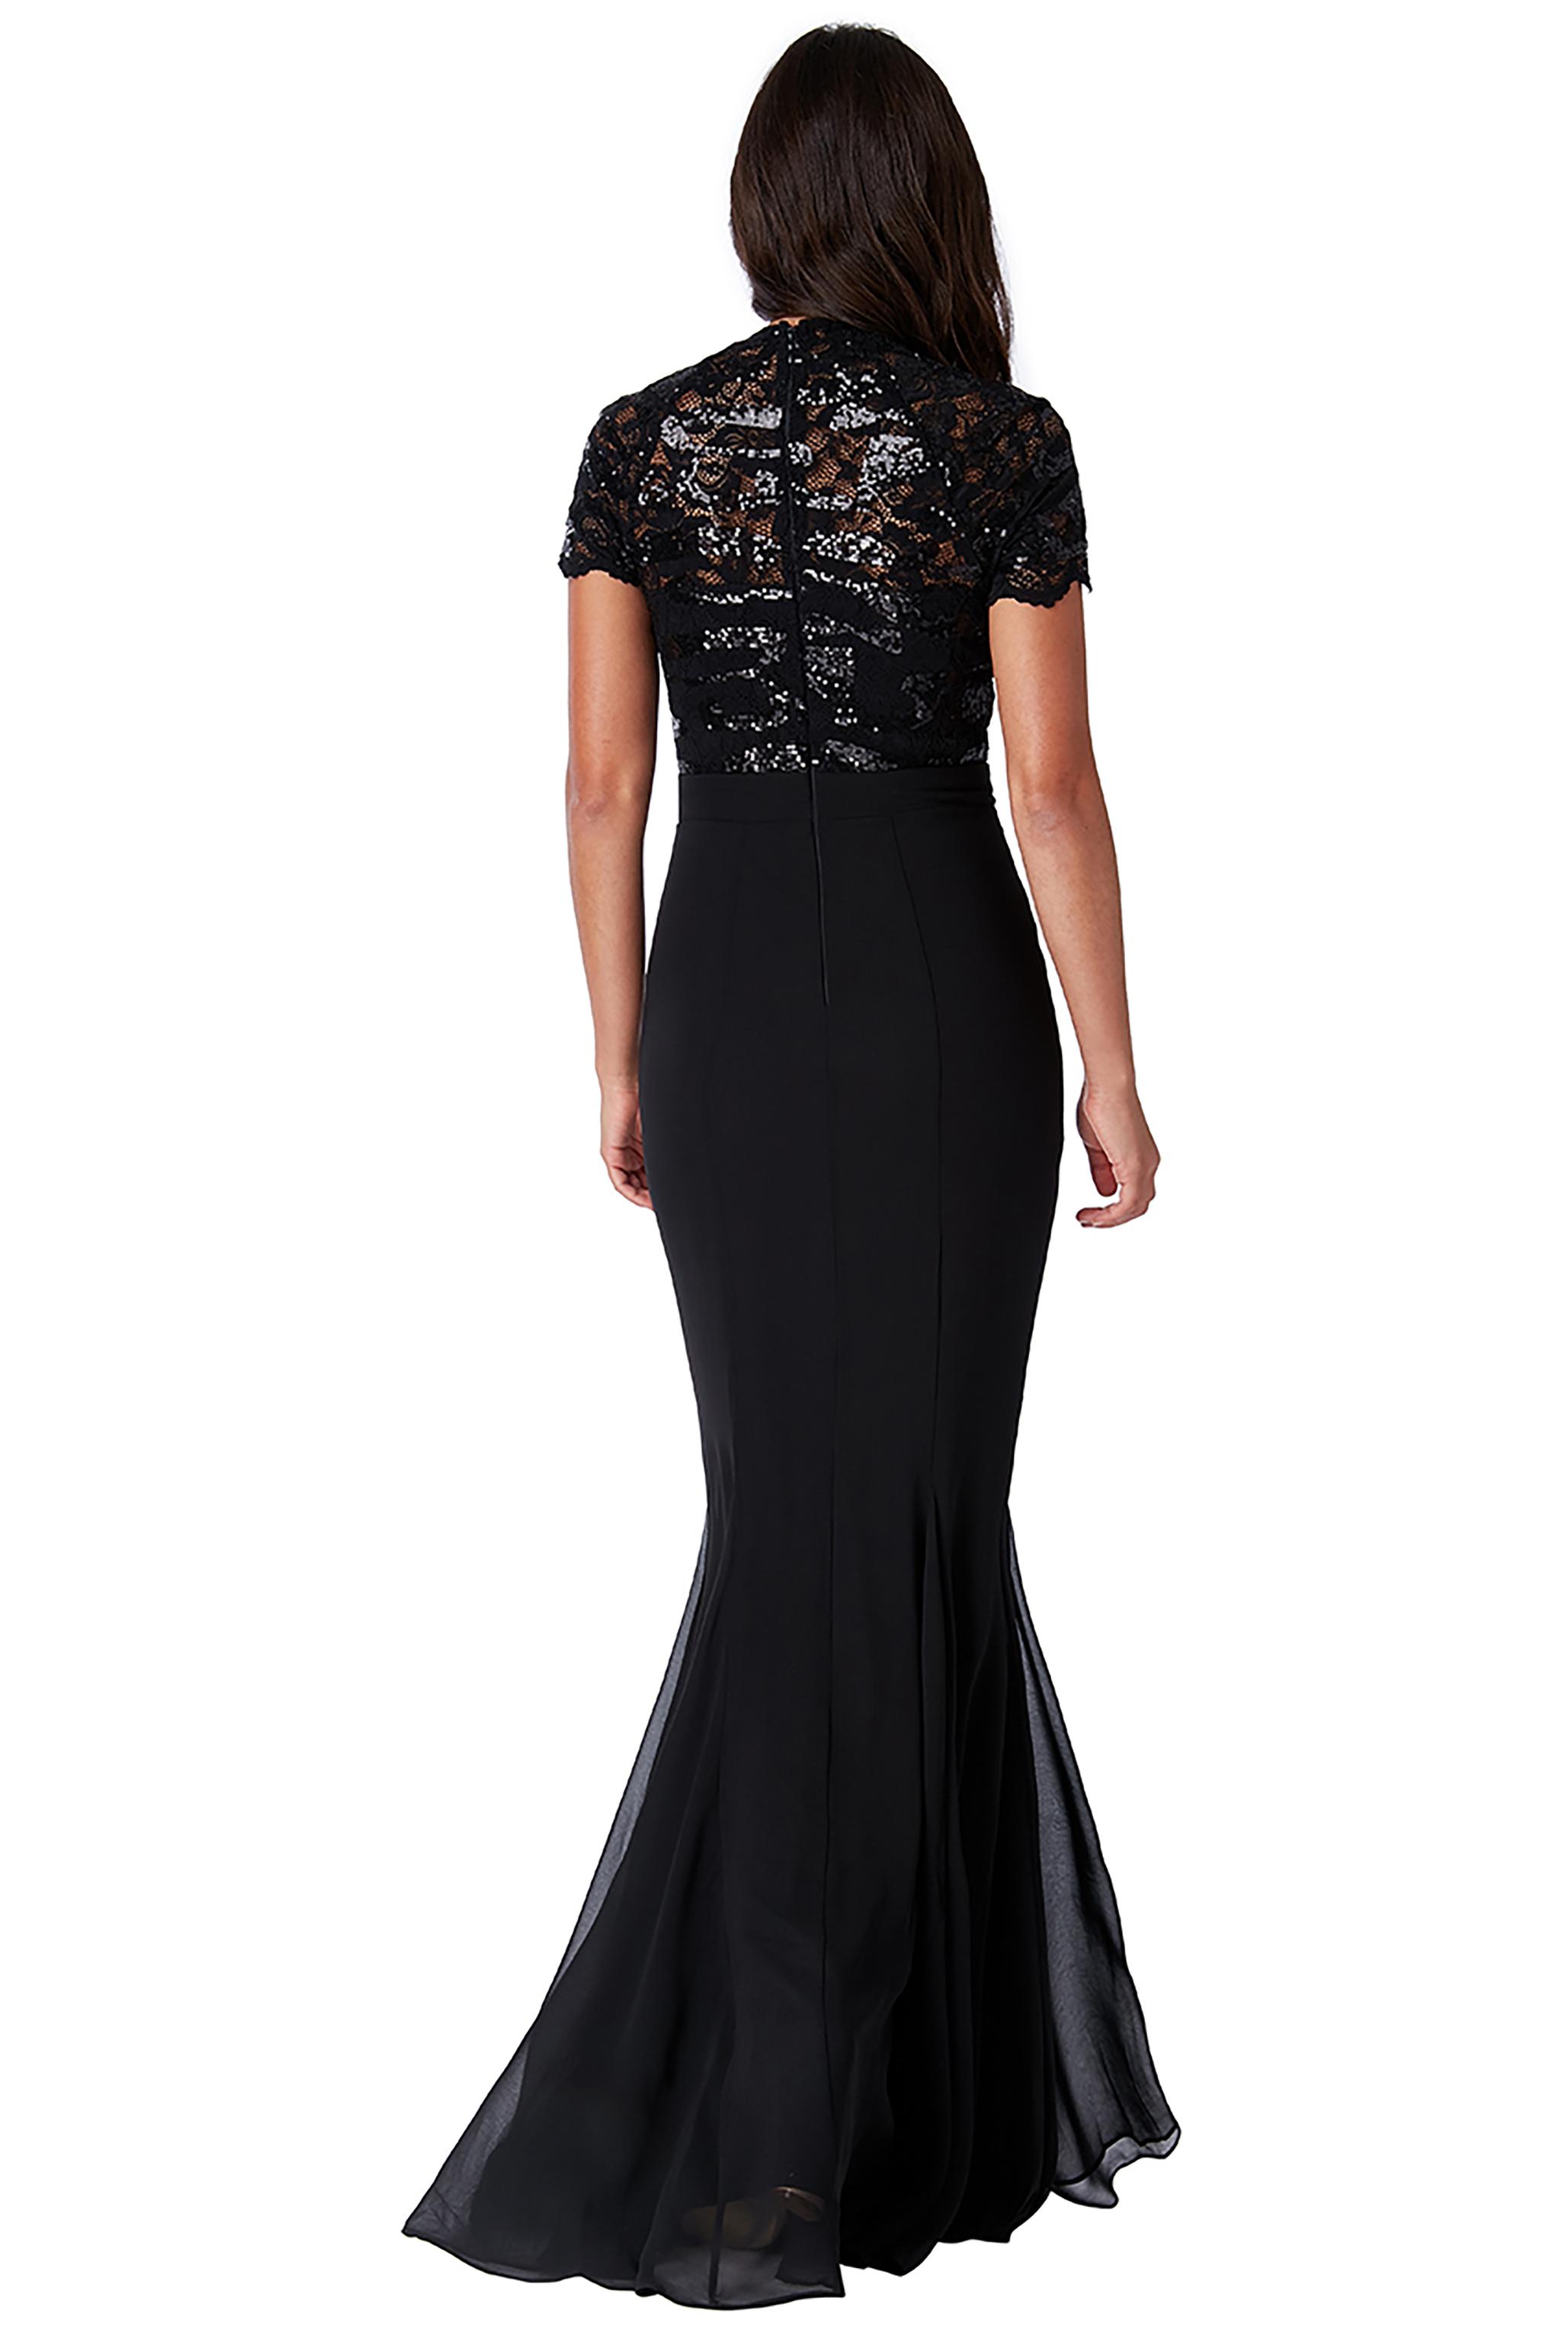 Obrázok 3 Čierne plesové šaty s krátkym rukávom cf7fc019e86